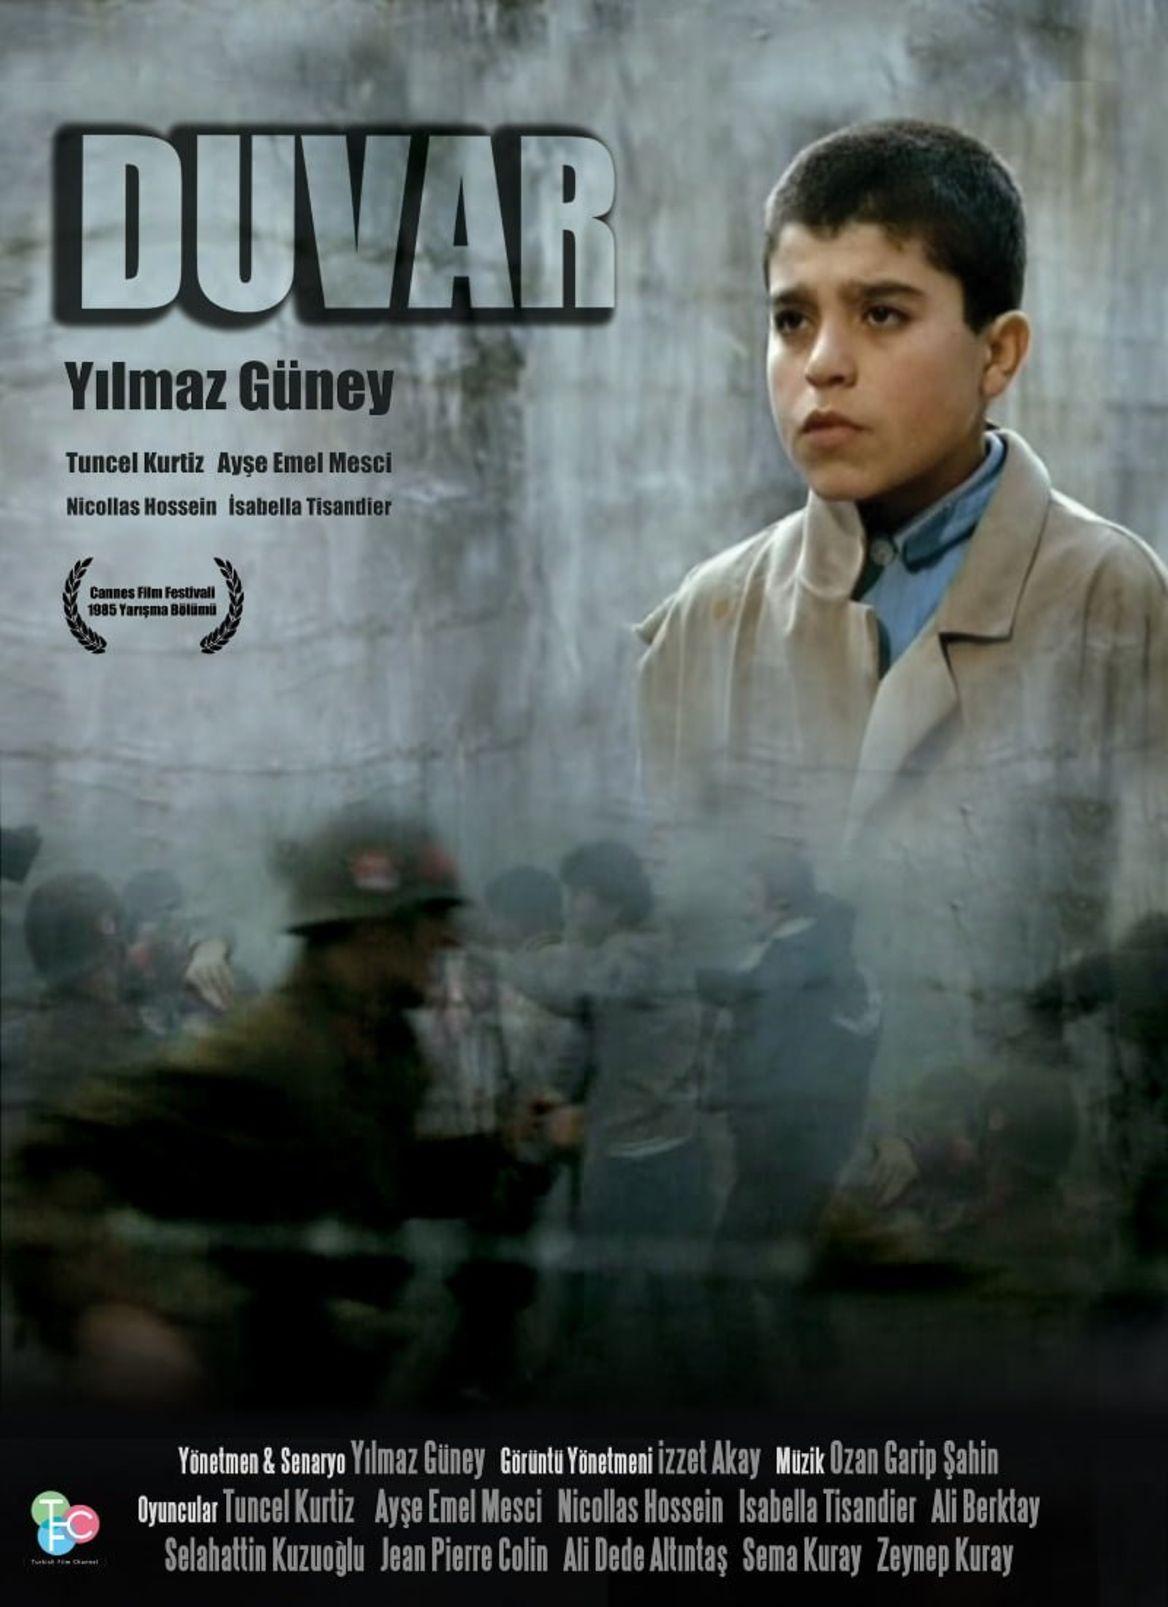 'Duvar', Yılmaz Güney'in ölümünden bir yıl sonra Cannes Film Festivali'nde yarıştı ama ödül kazanamadı.